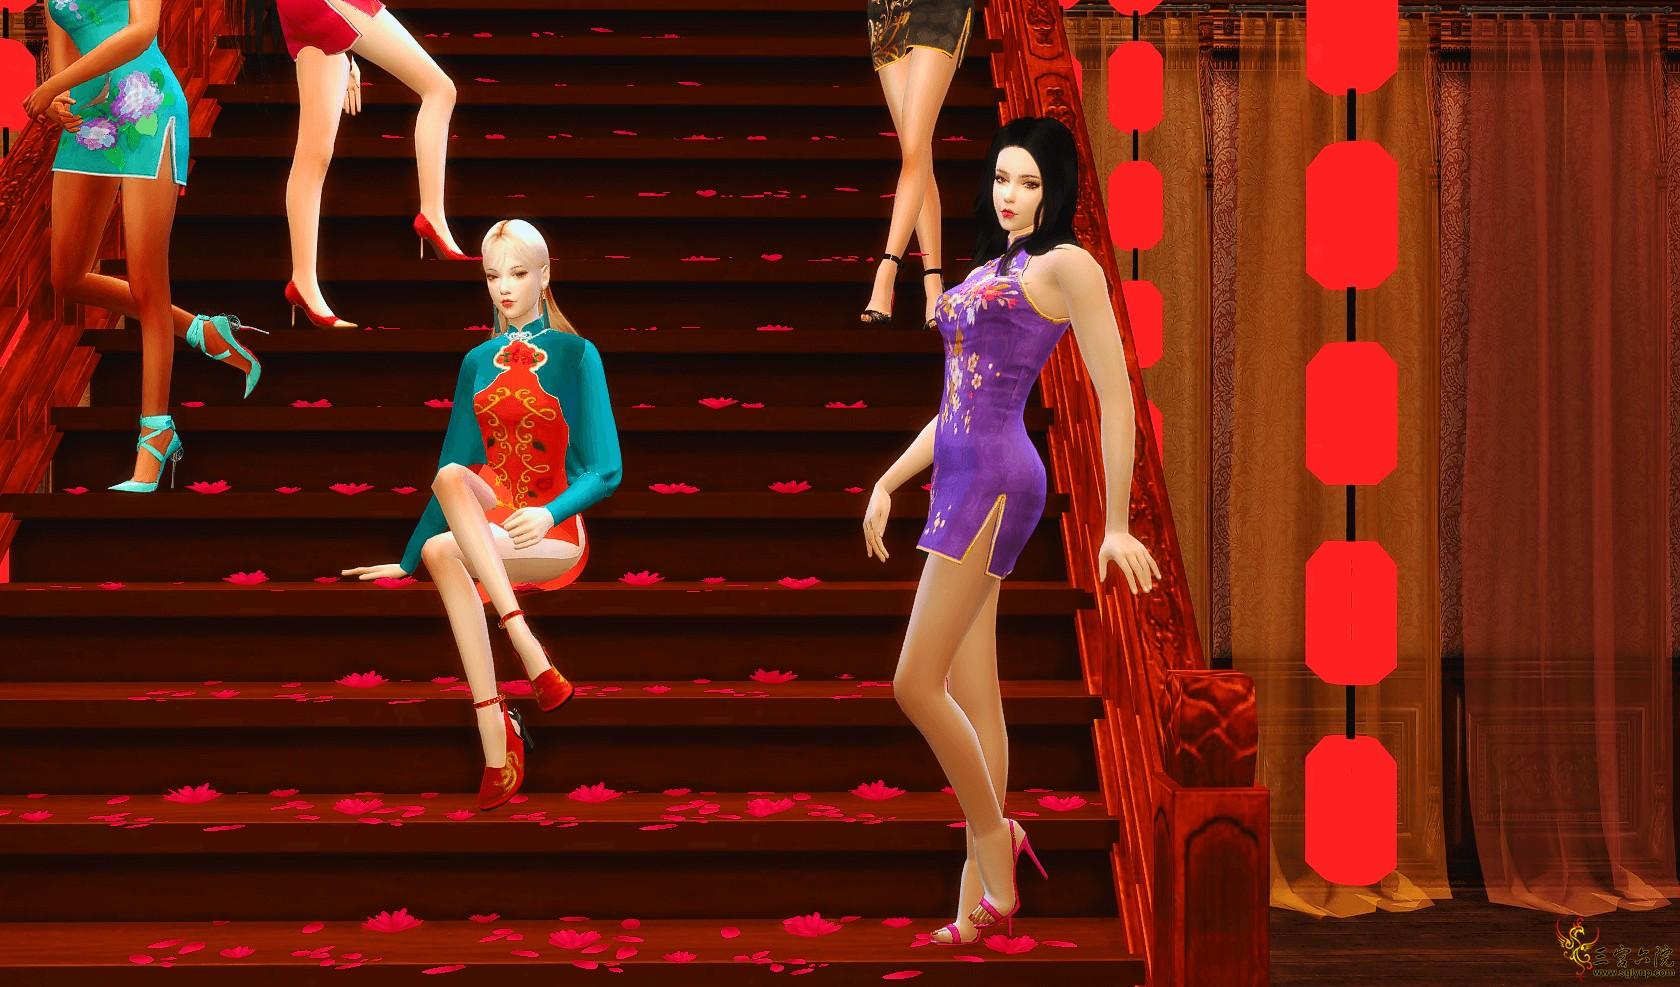 Sims 4 Screenshot 2020.06.21 - 02.17.57.50.png